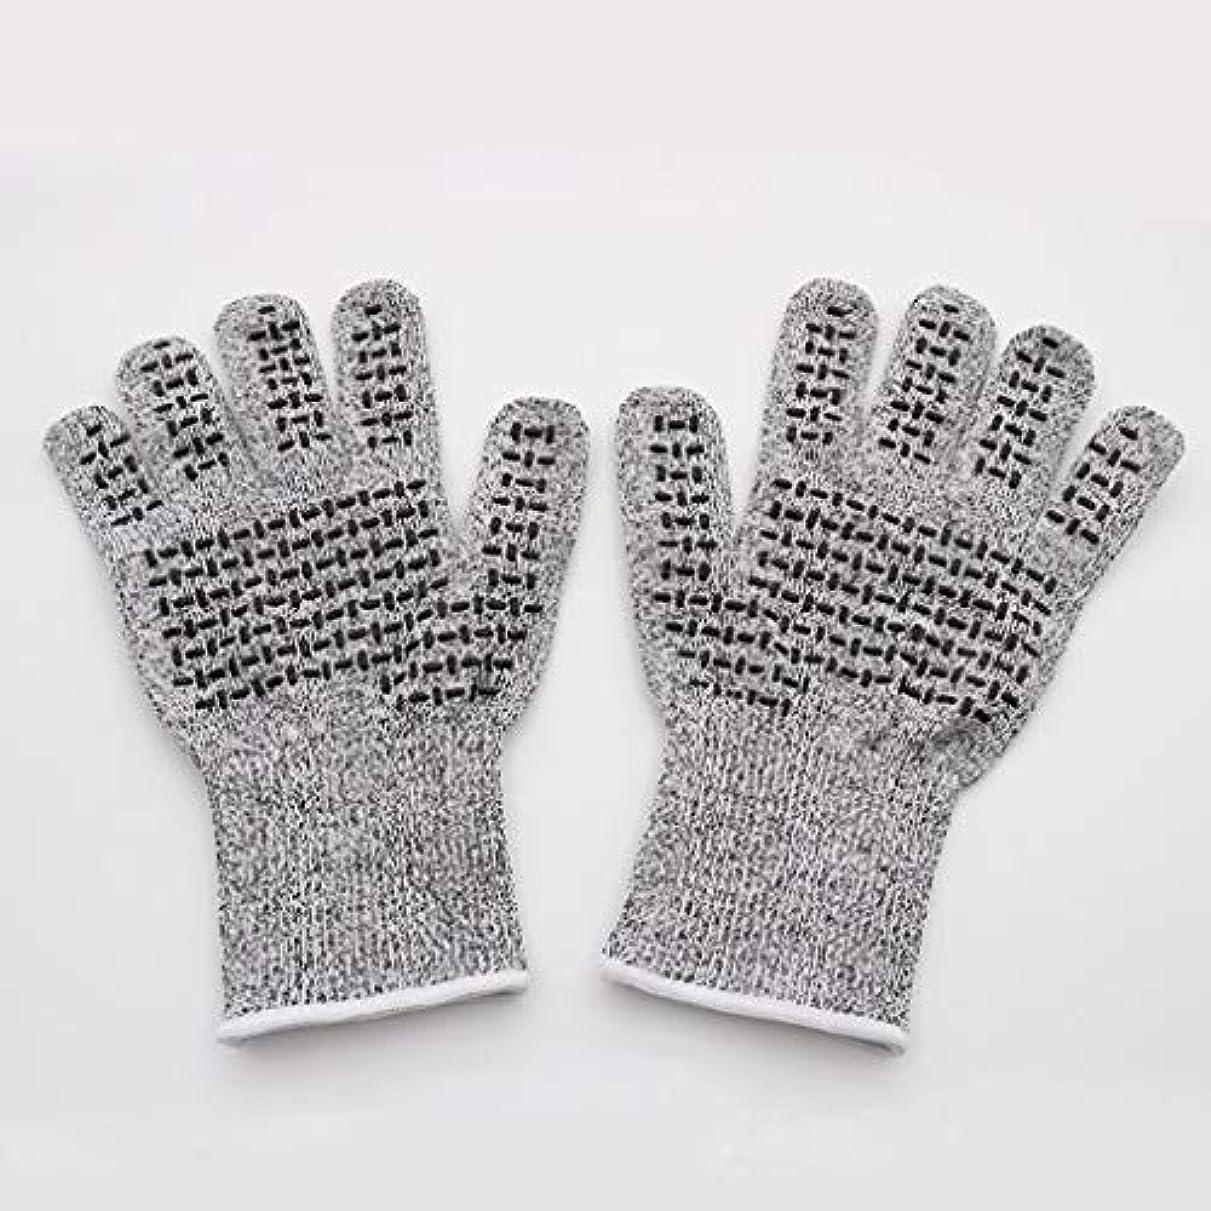 イベントエイリアス打たれたトラックCONTDY 滑り止め保護手袋、抗切断肥厚手袋、商品の移動に適し、修理および耐久性 - 手袋